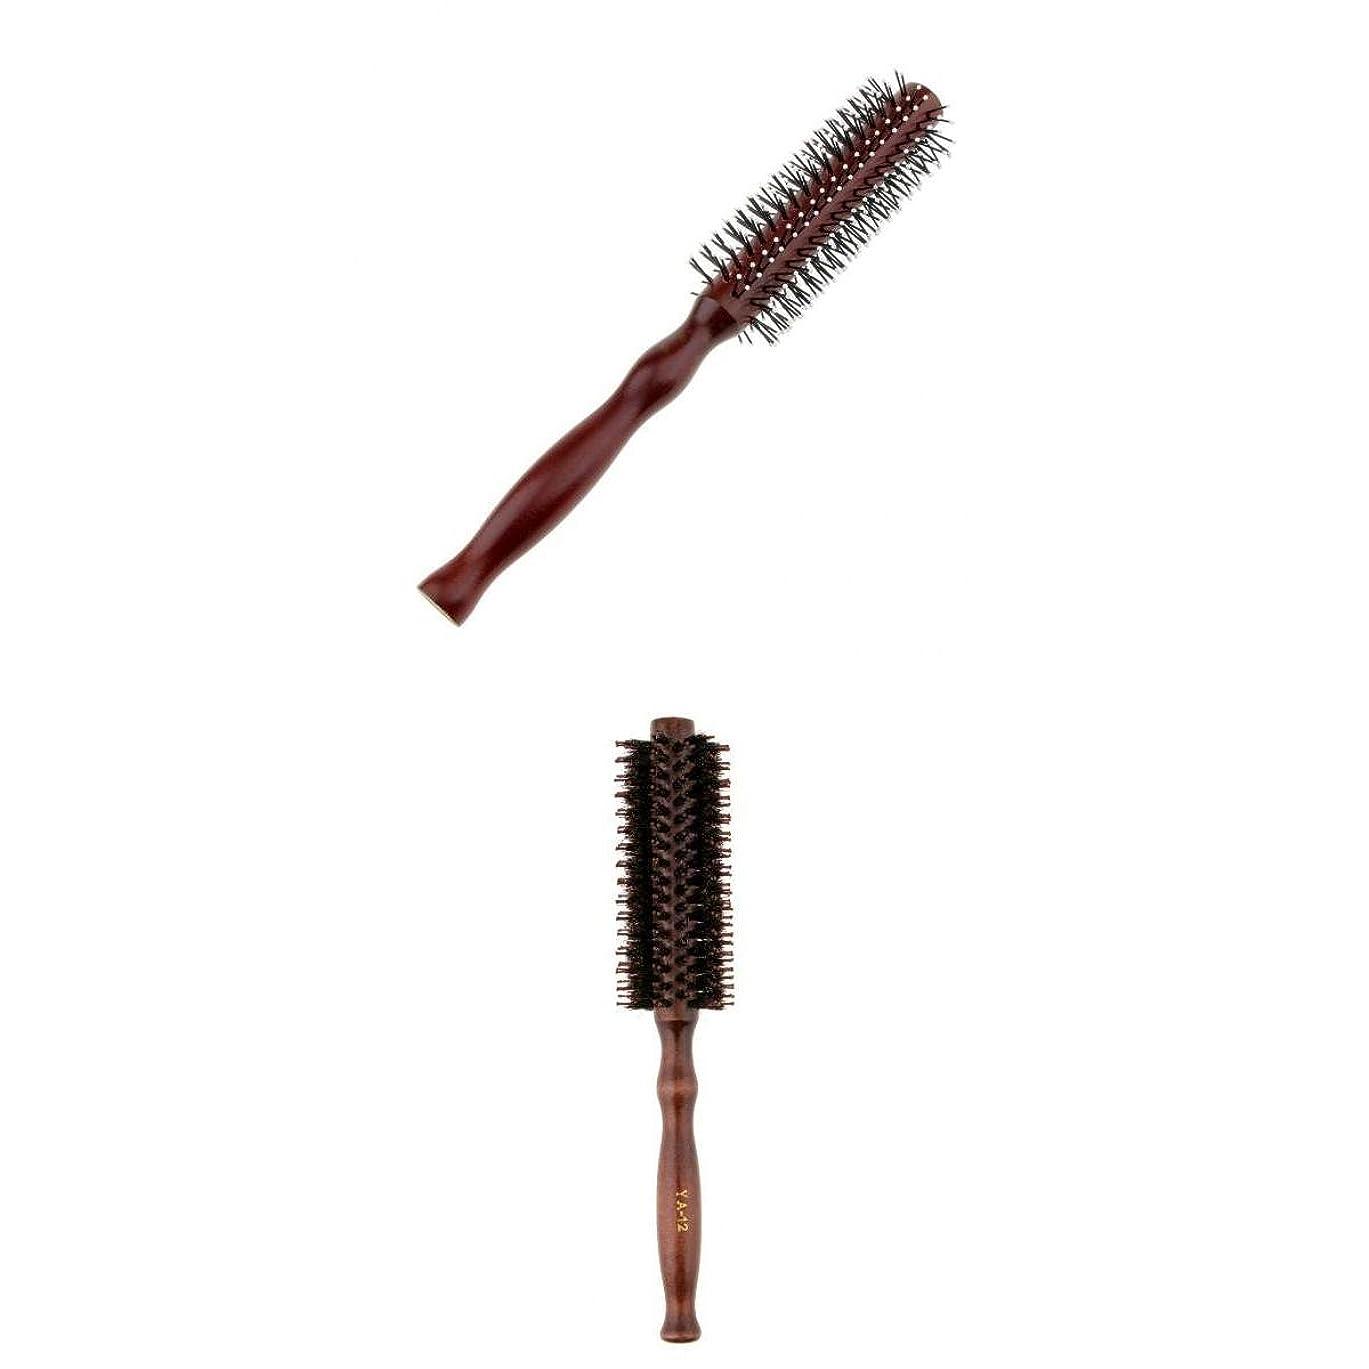 ロードブロッキング硫黄エンドテーブルPerfeclan 2点 カーリングヘアコーム ラウンドヘアブラシ ウッドハンドル 理髪 美容 ヘアブラシ